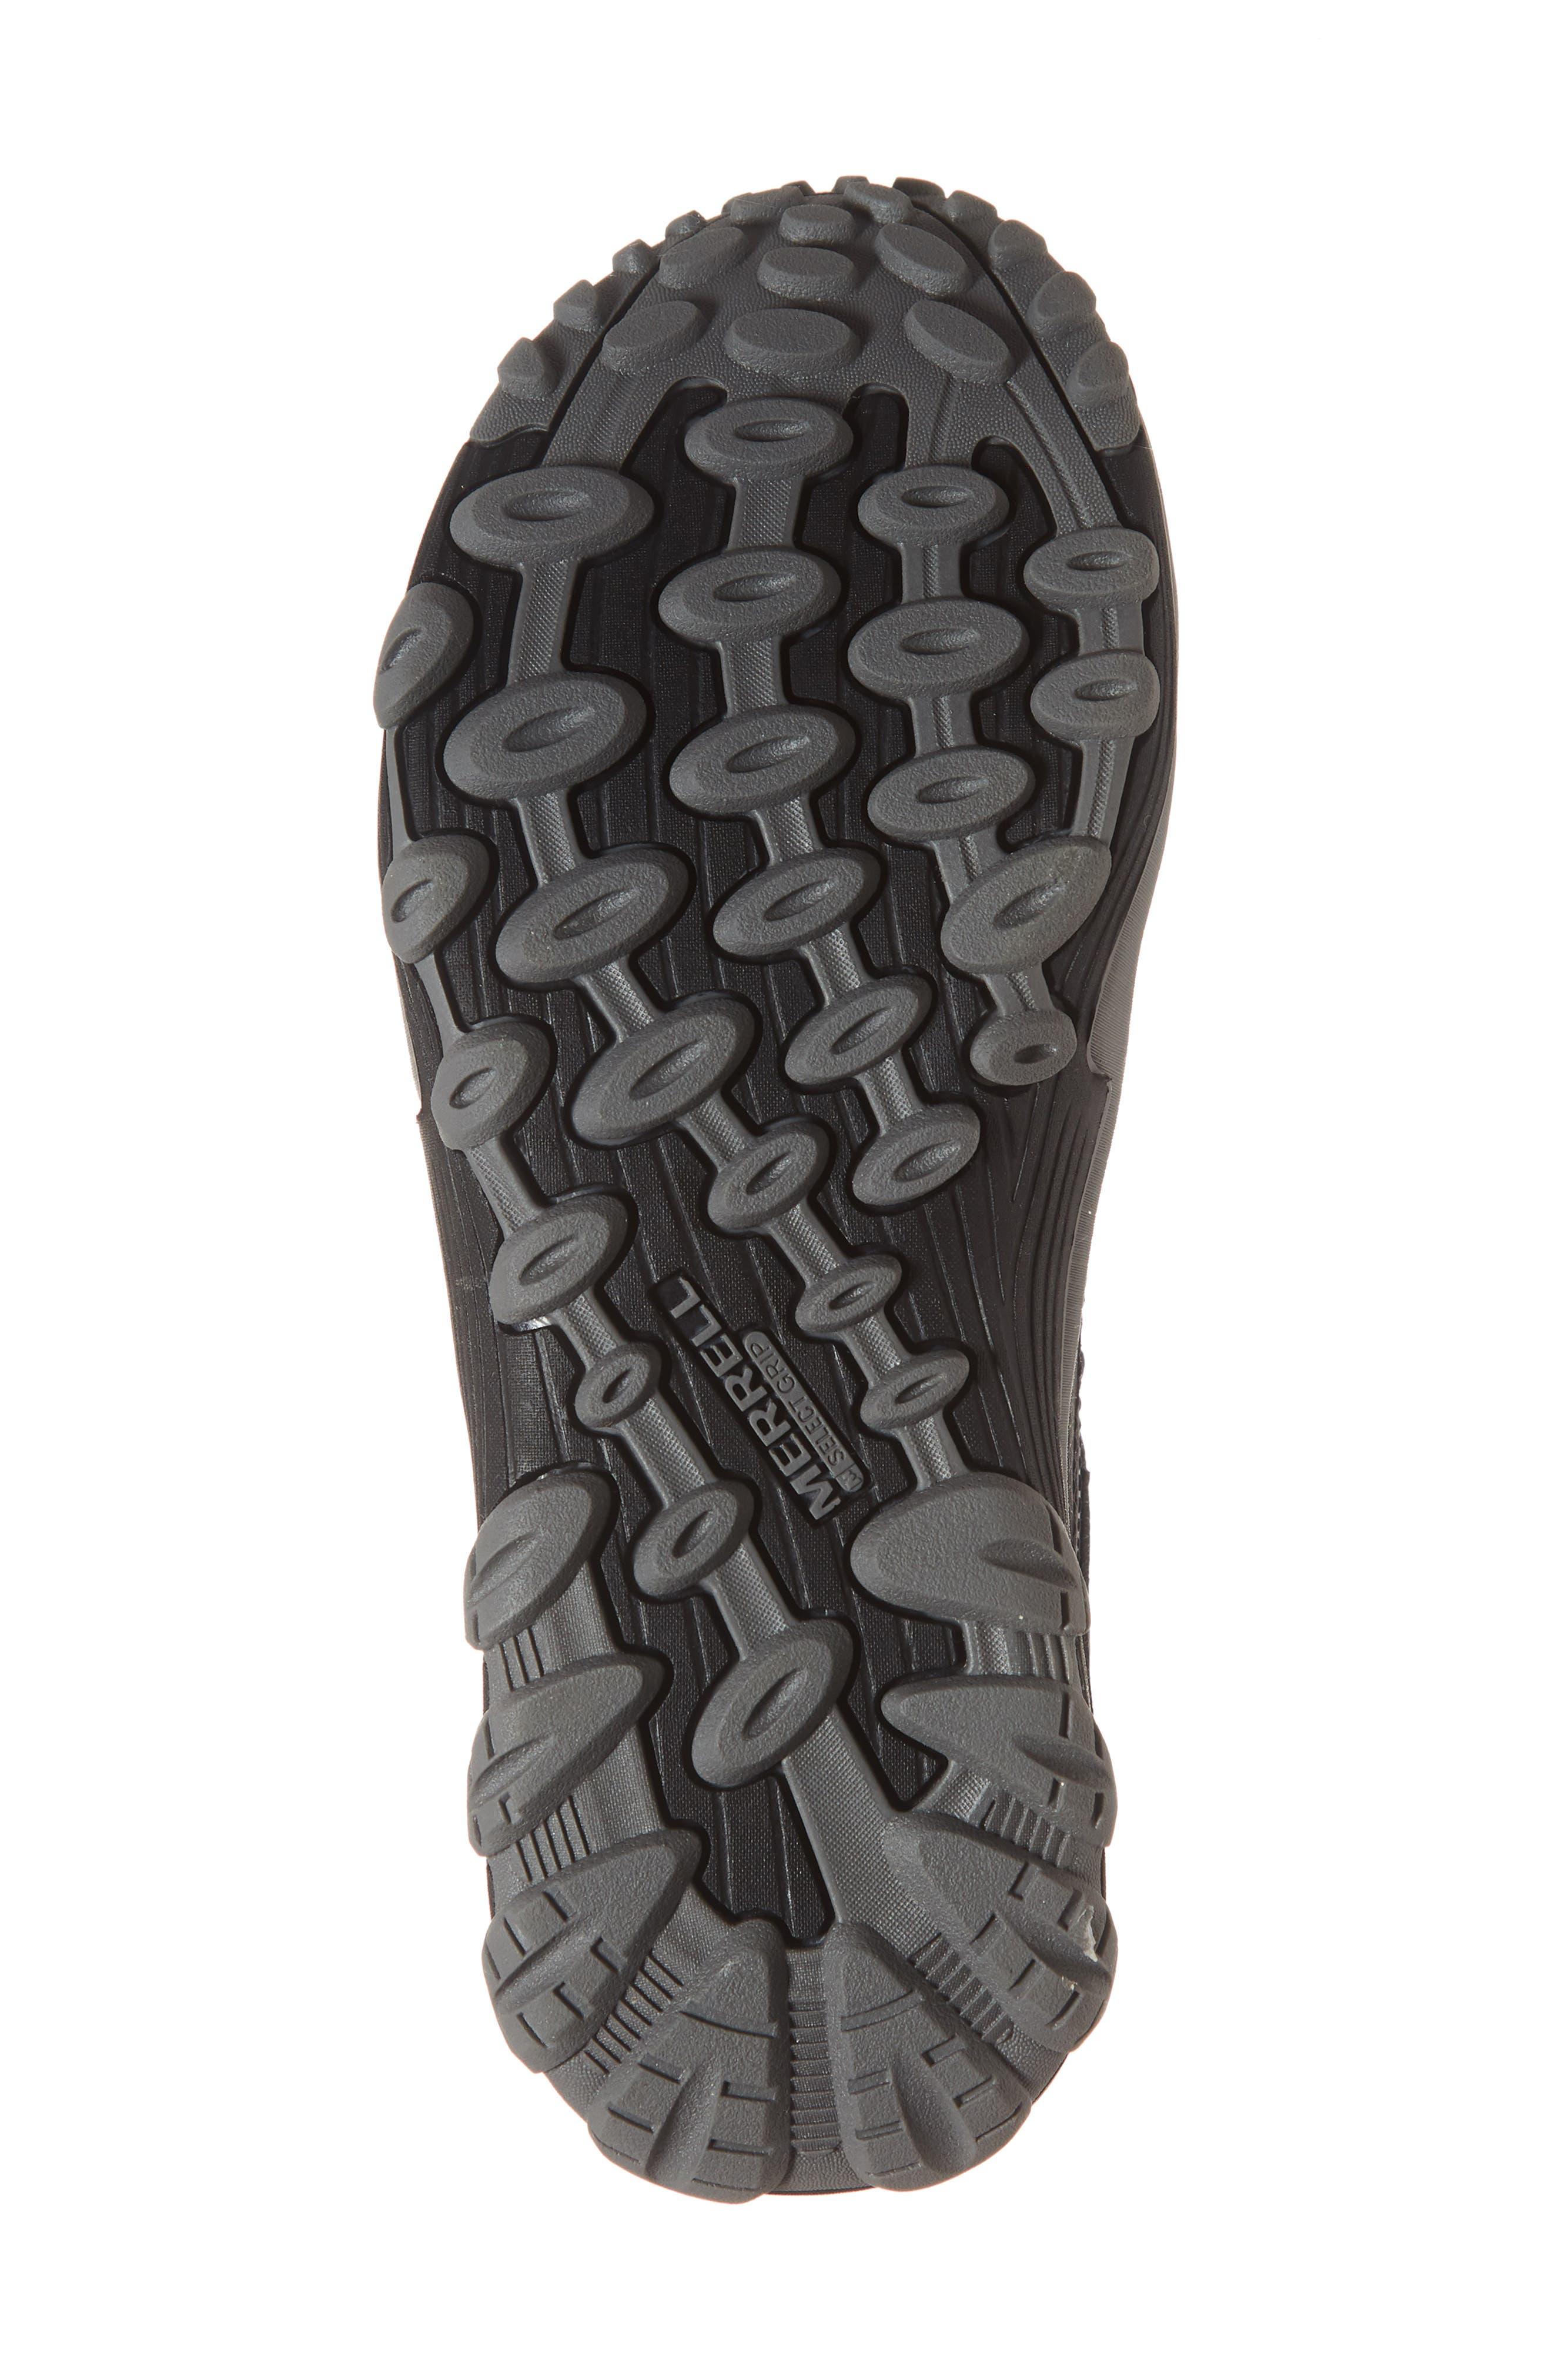 Chameleon 7 Waterproof Sneaker,                             Alternate thumbnail 6, color,                             BLACK